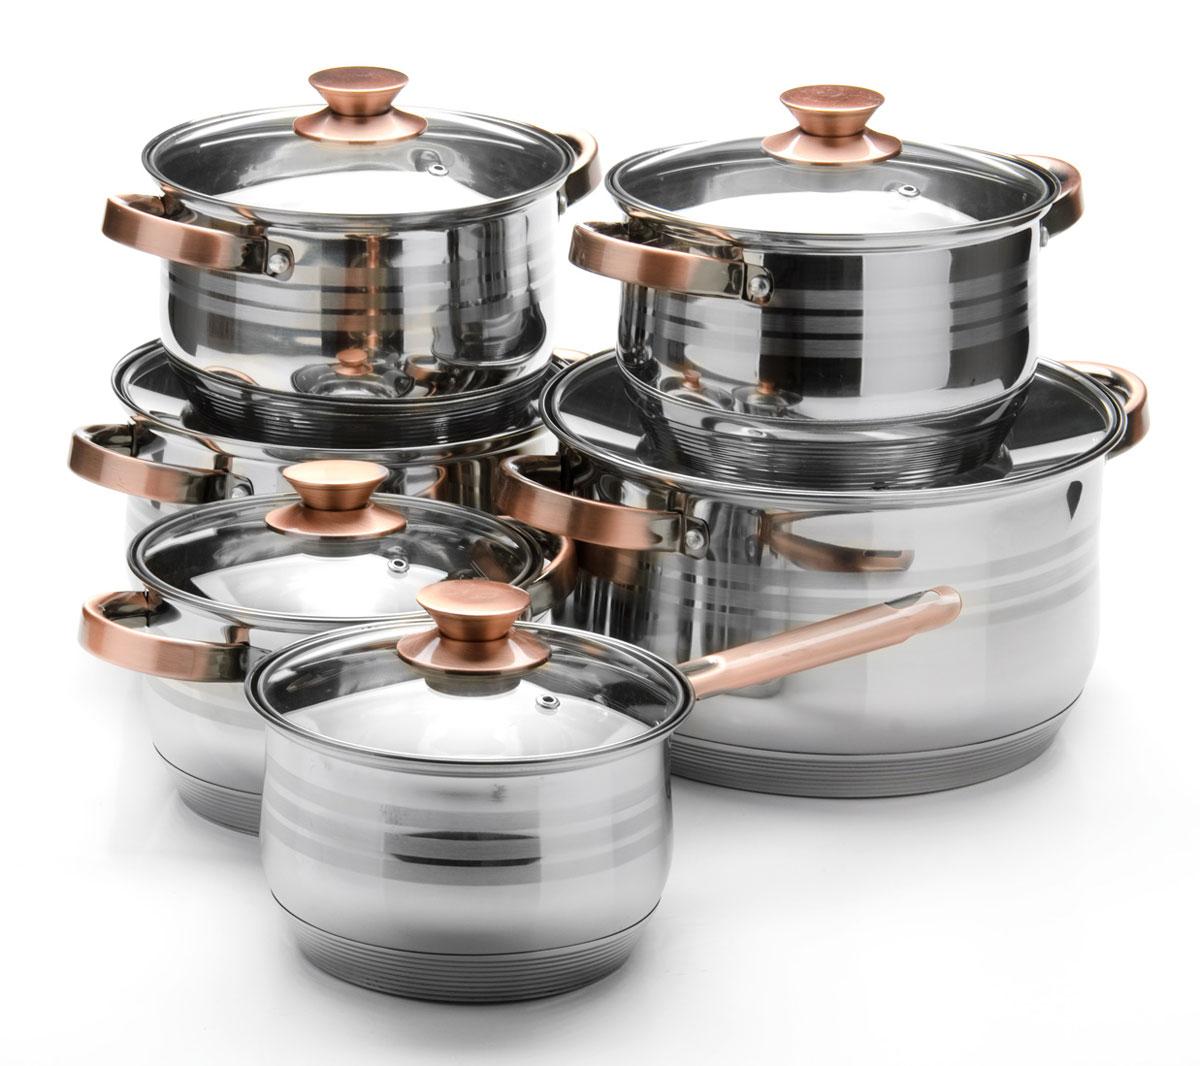 Набор посуды Mayer & Boch, 12 предметов. 26043 качурина т приготовление блюд из рыбы учебное пособие